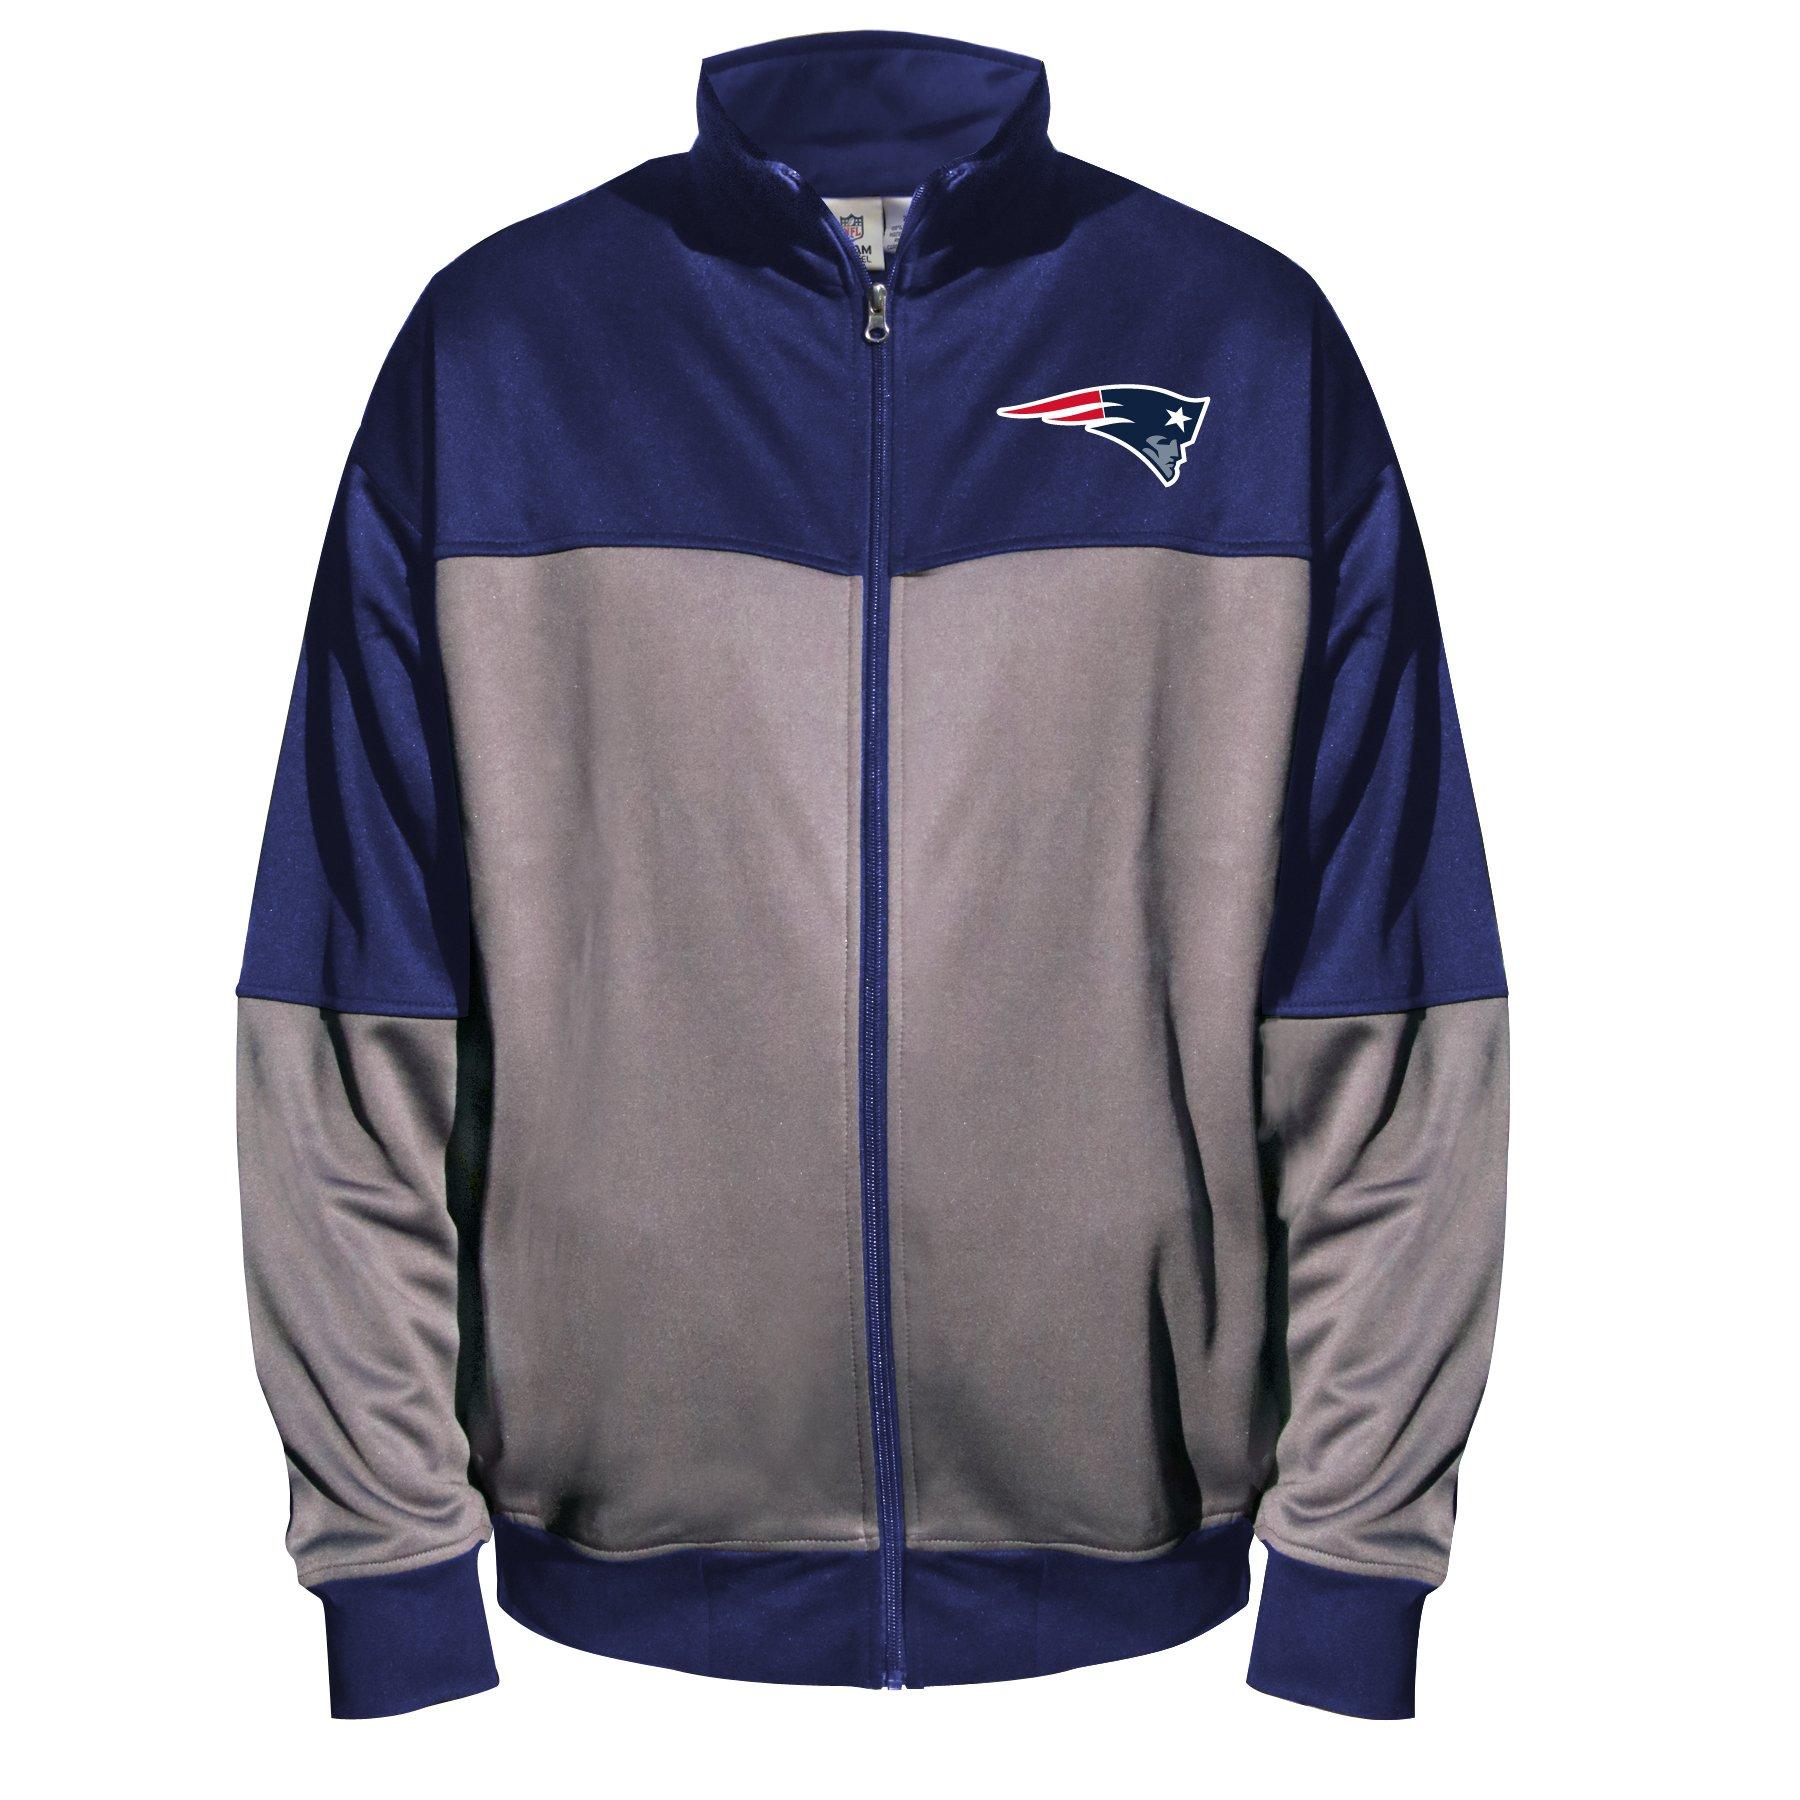 NFL New England Patriots Unisex Poly Fleece Track Jacket, Charcoal/Navy, 3XT